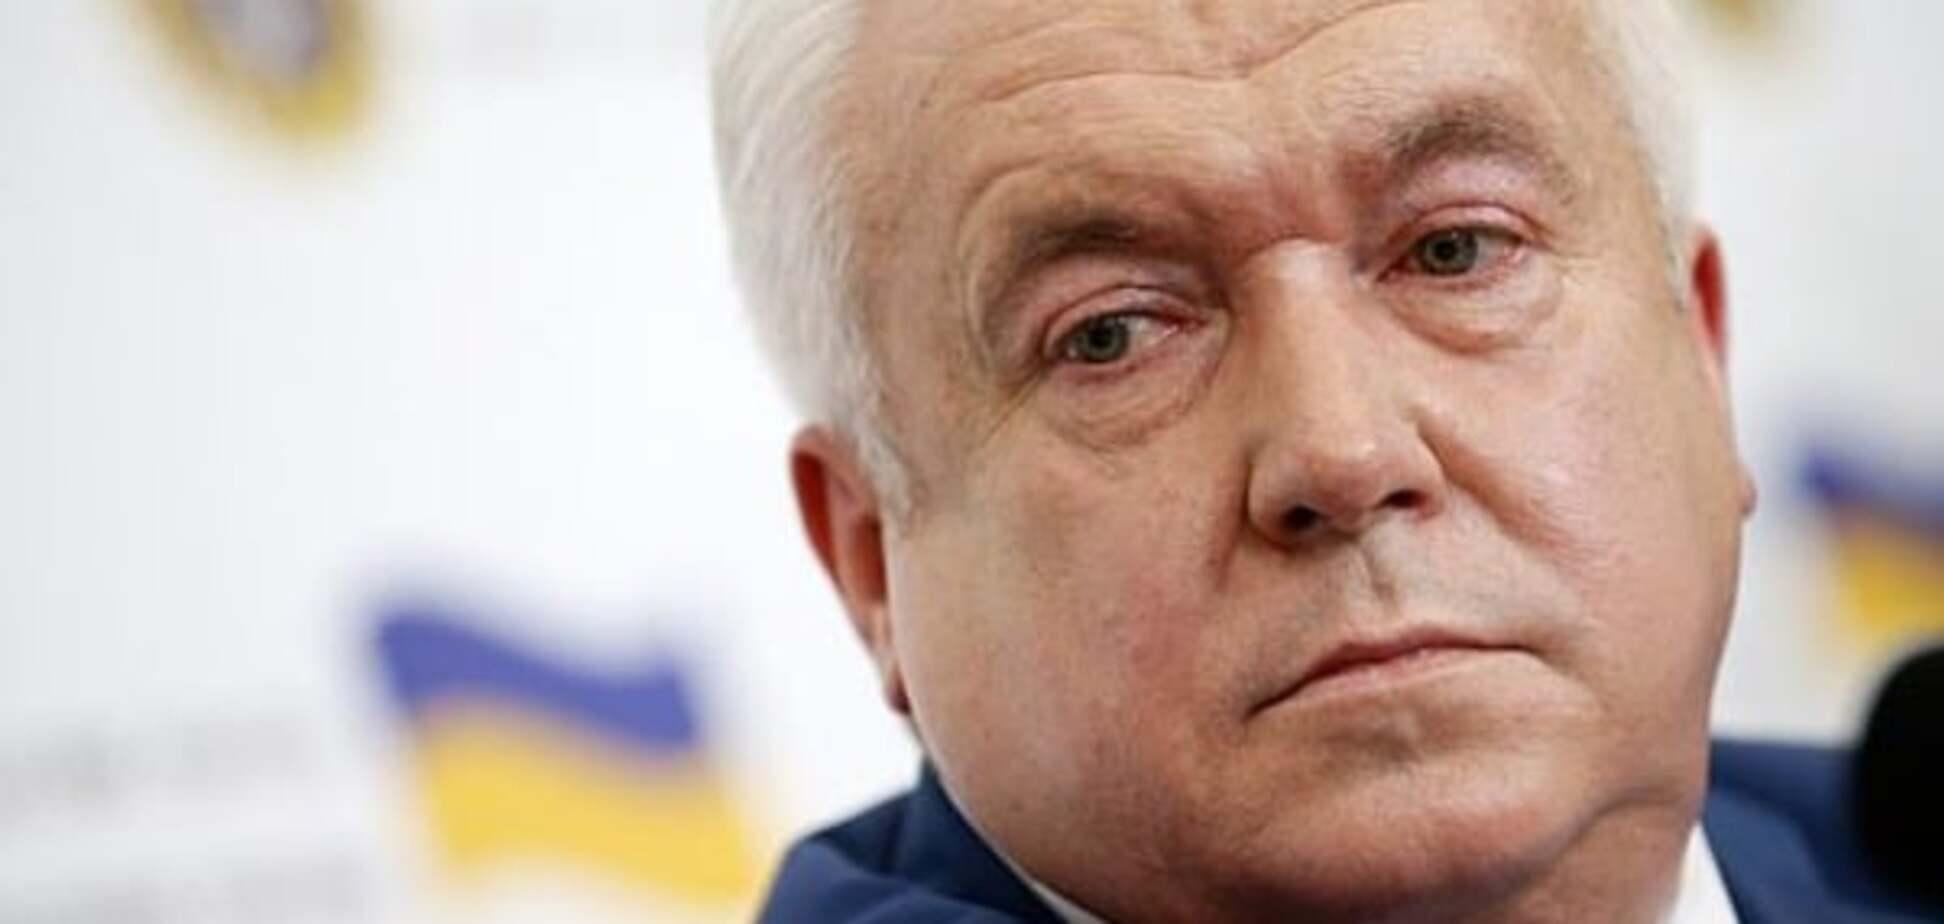 Довів до сліз: екс-регіонал Олійник розсмішив мережу, вирішивши стати президентом України. Фотофакт